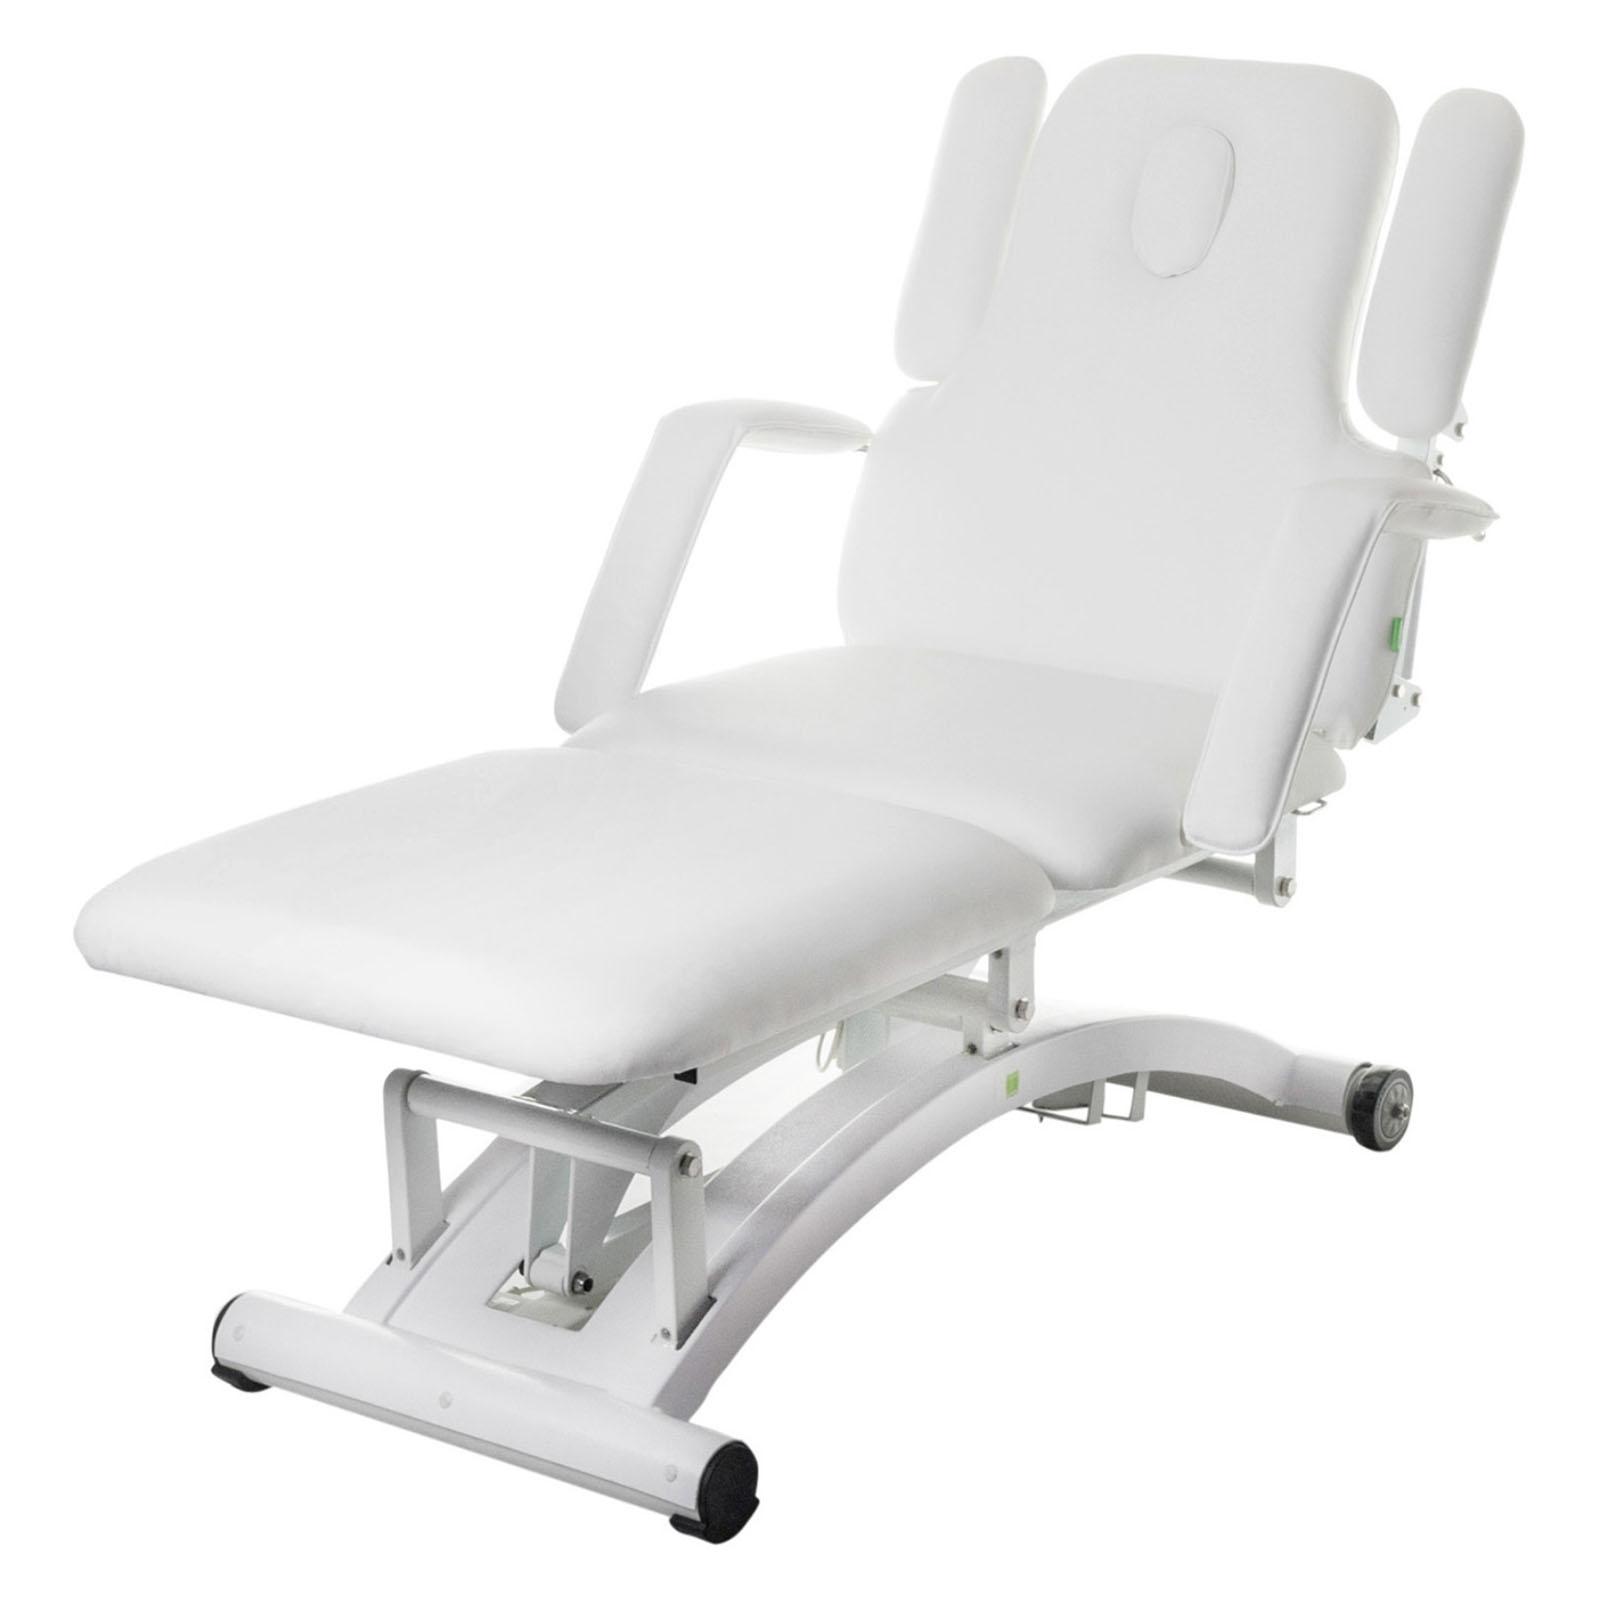 Masážny stôl DIVINE - biely | DIVINE WHITE